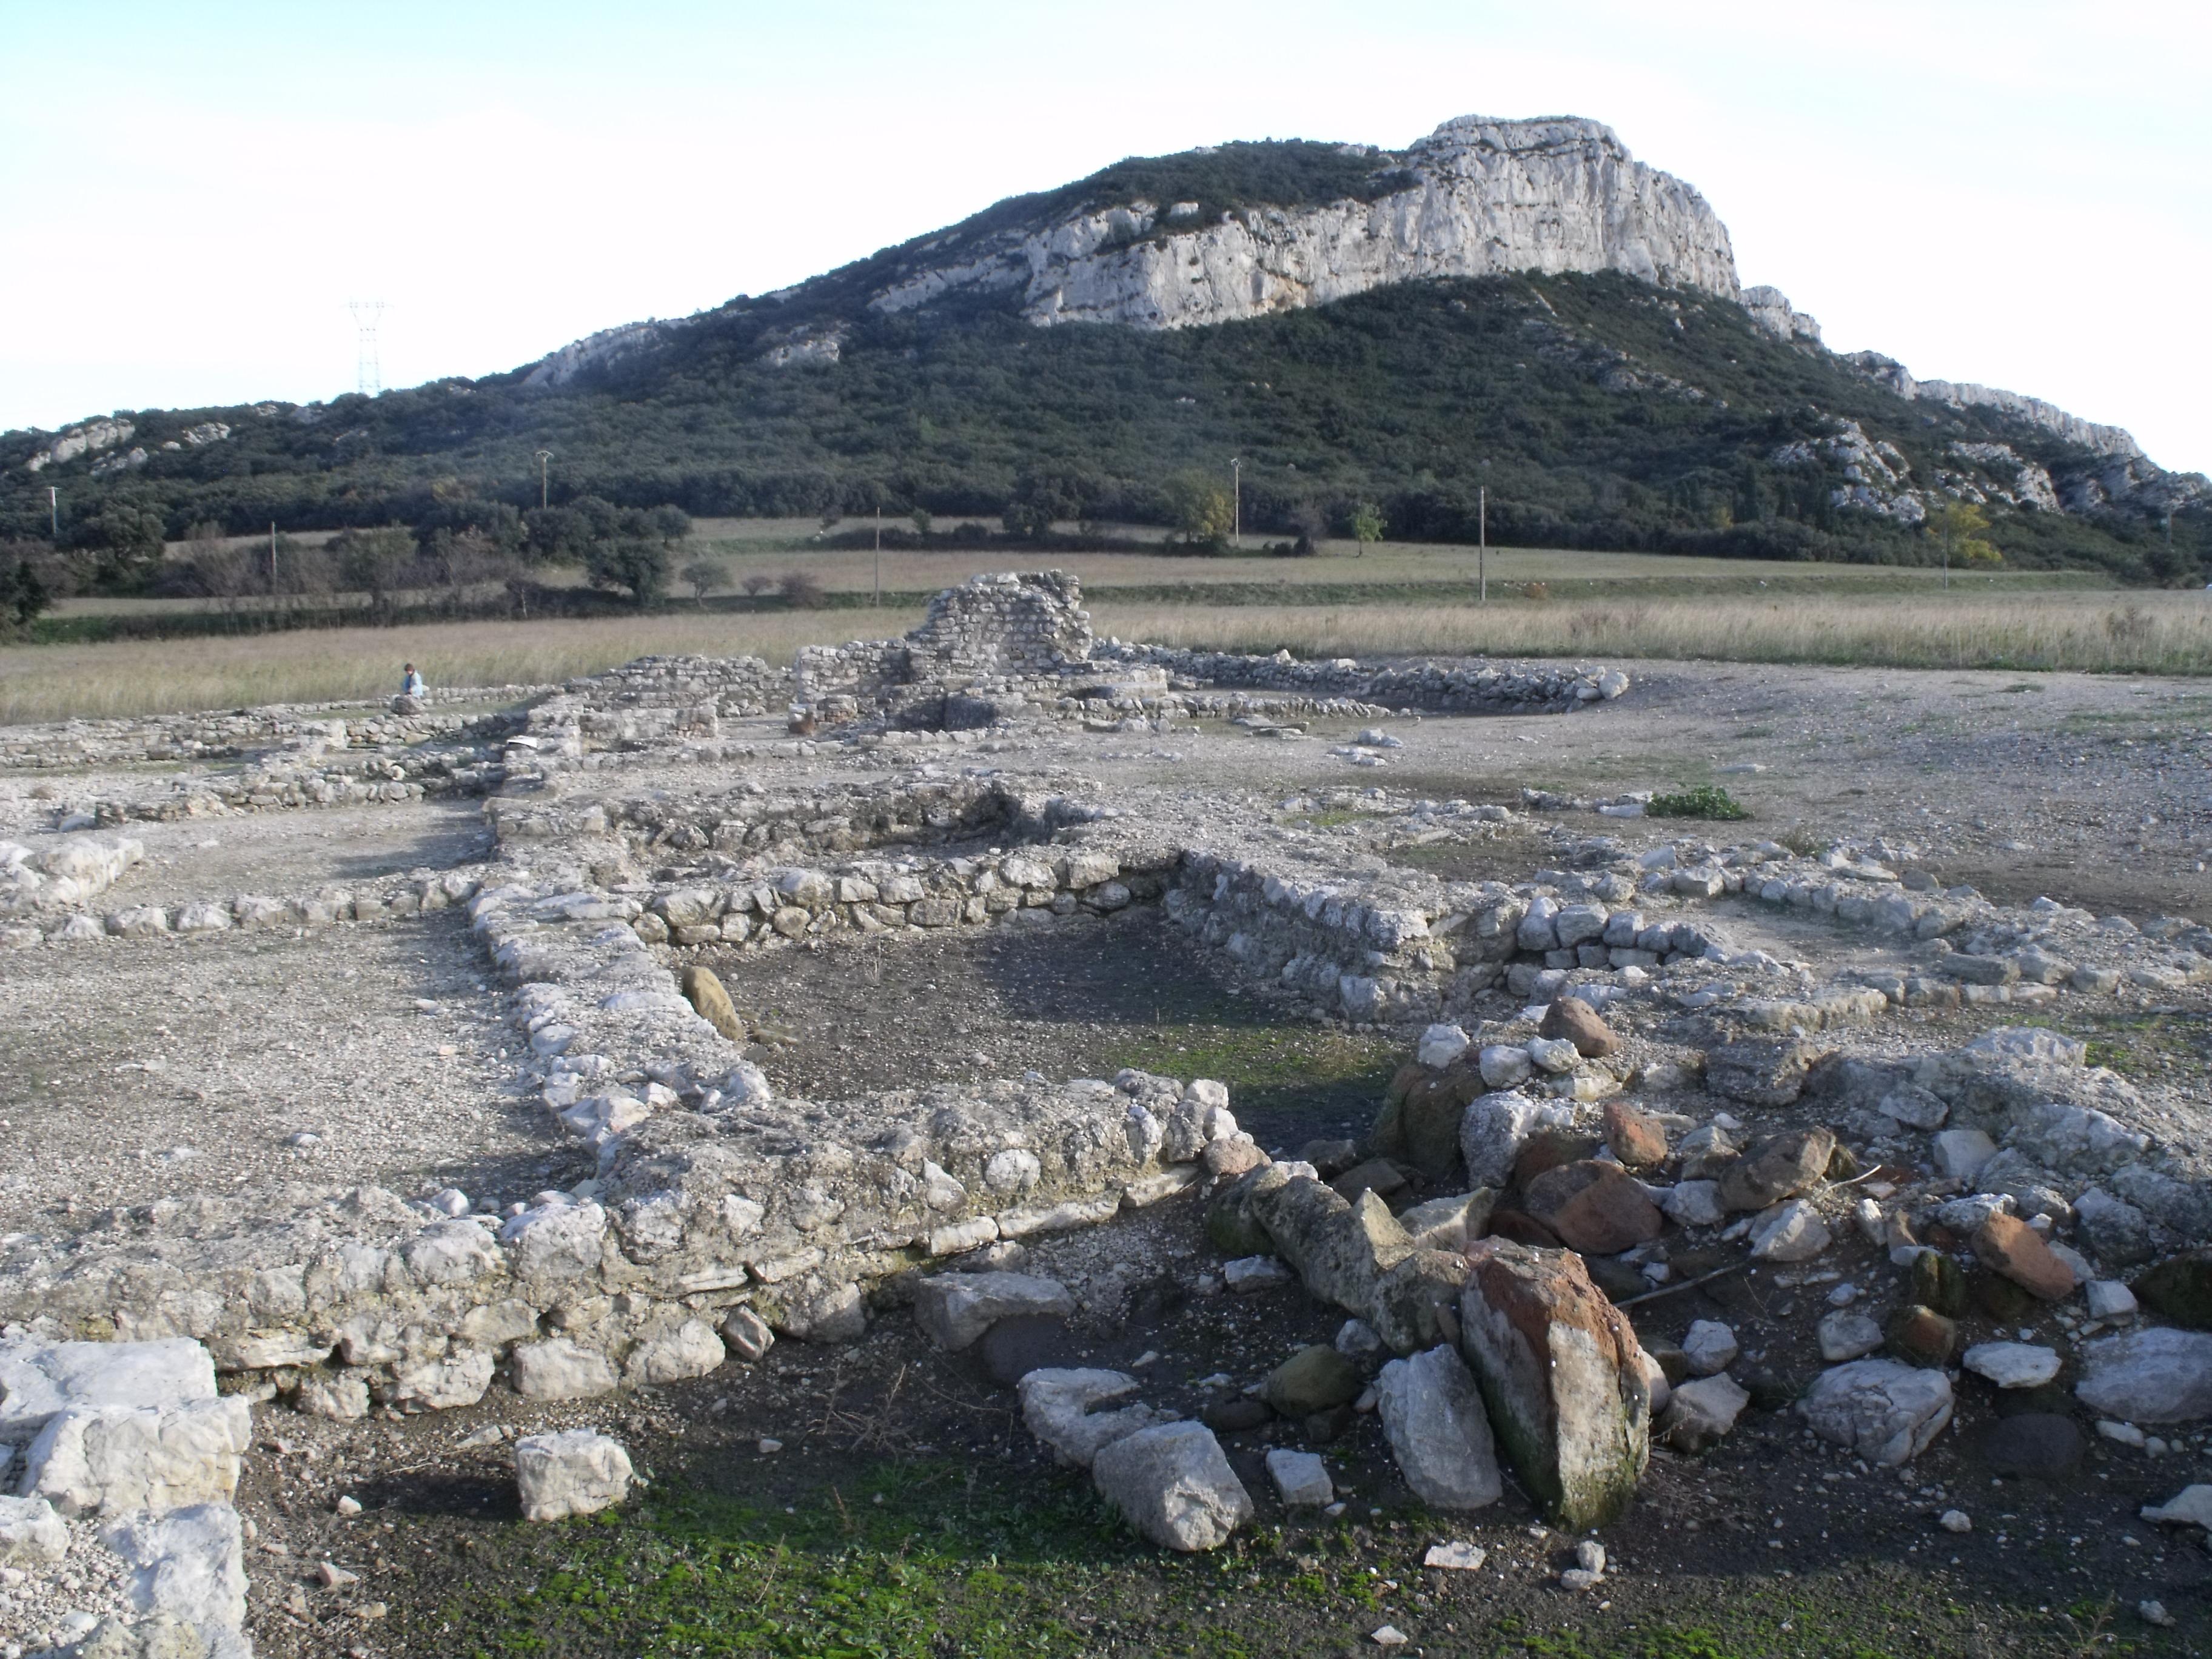 Vue générale du site. Au fond, le mont Sainte-Cécile.